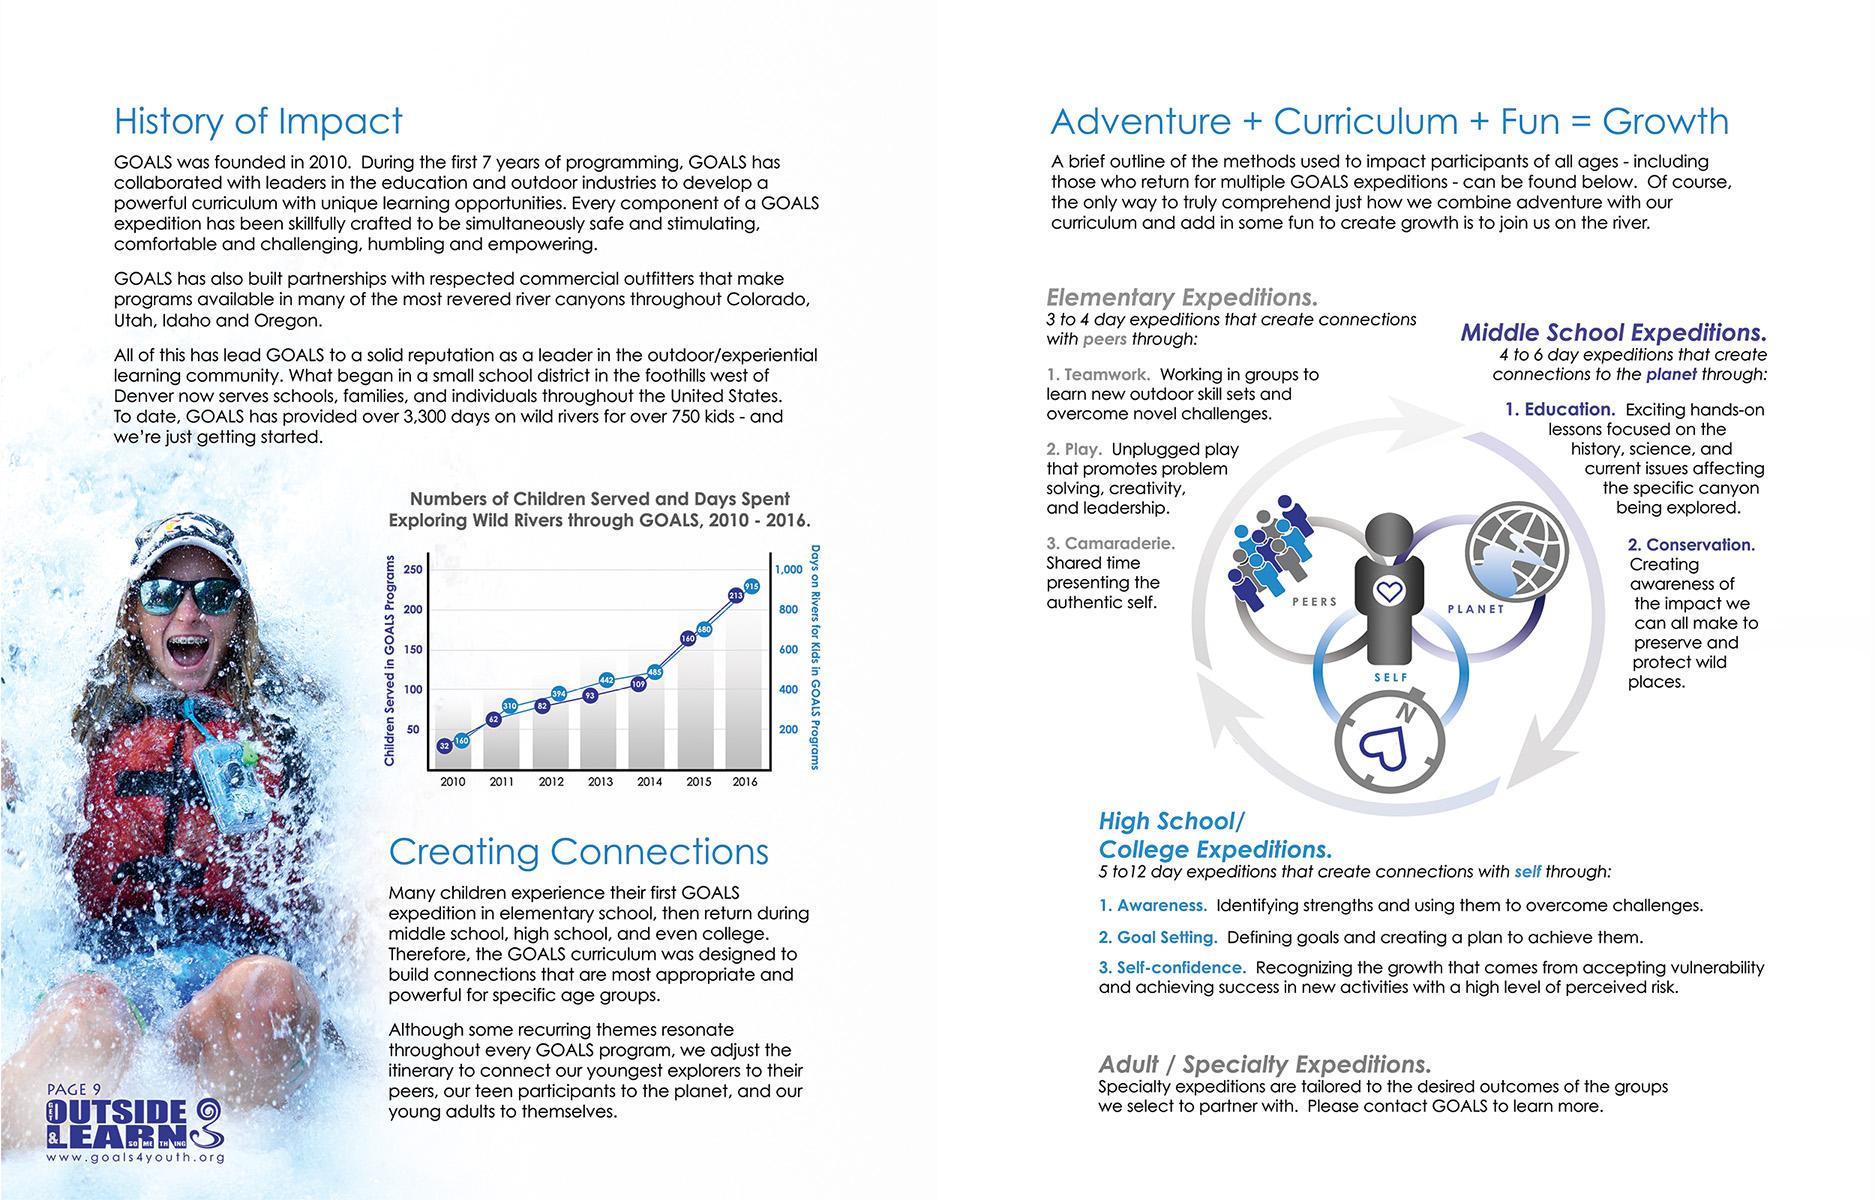 pdfpage6.jpg